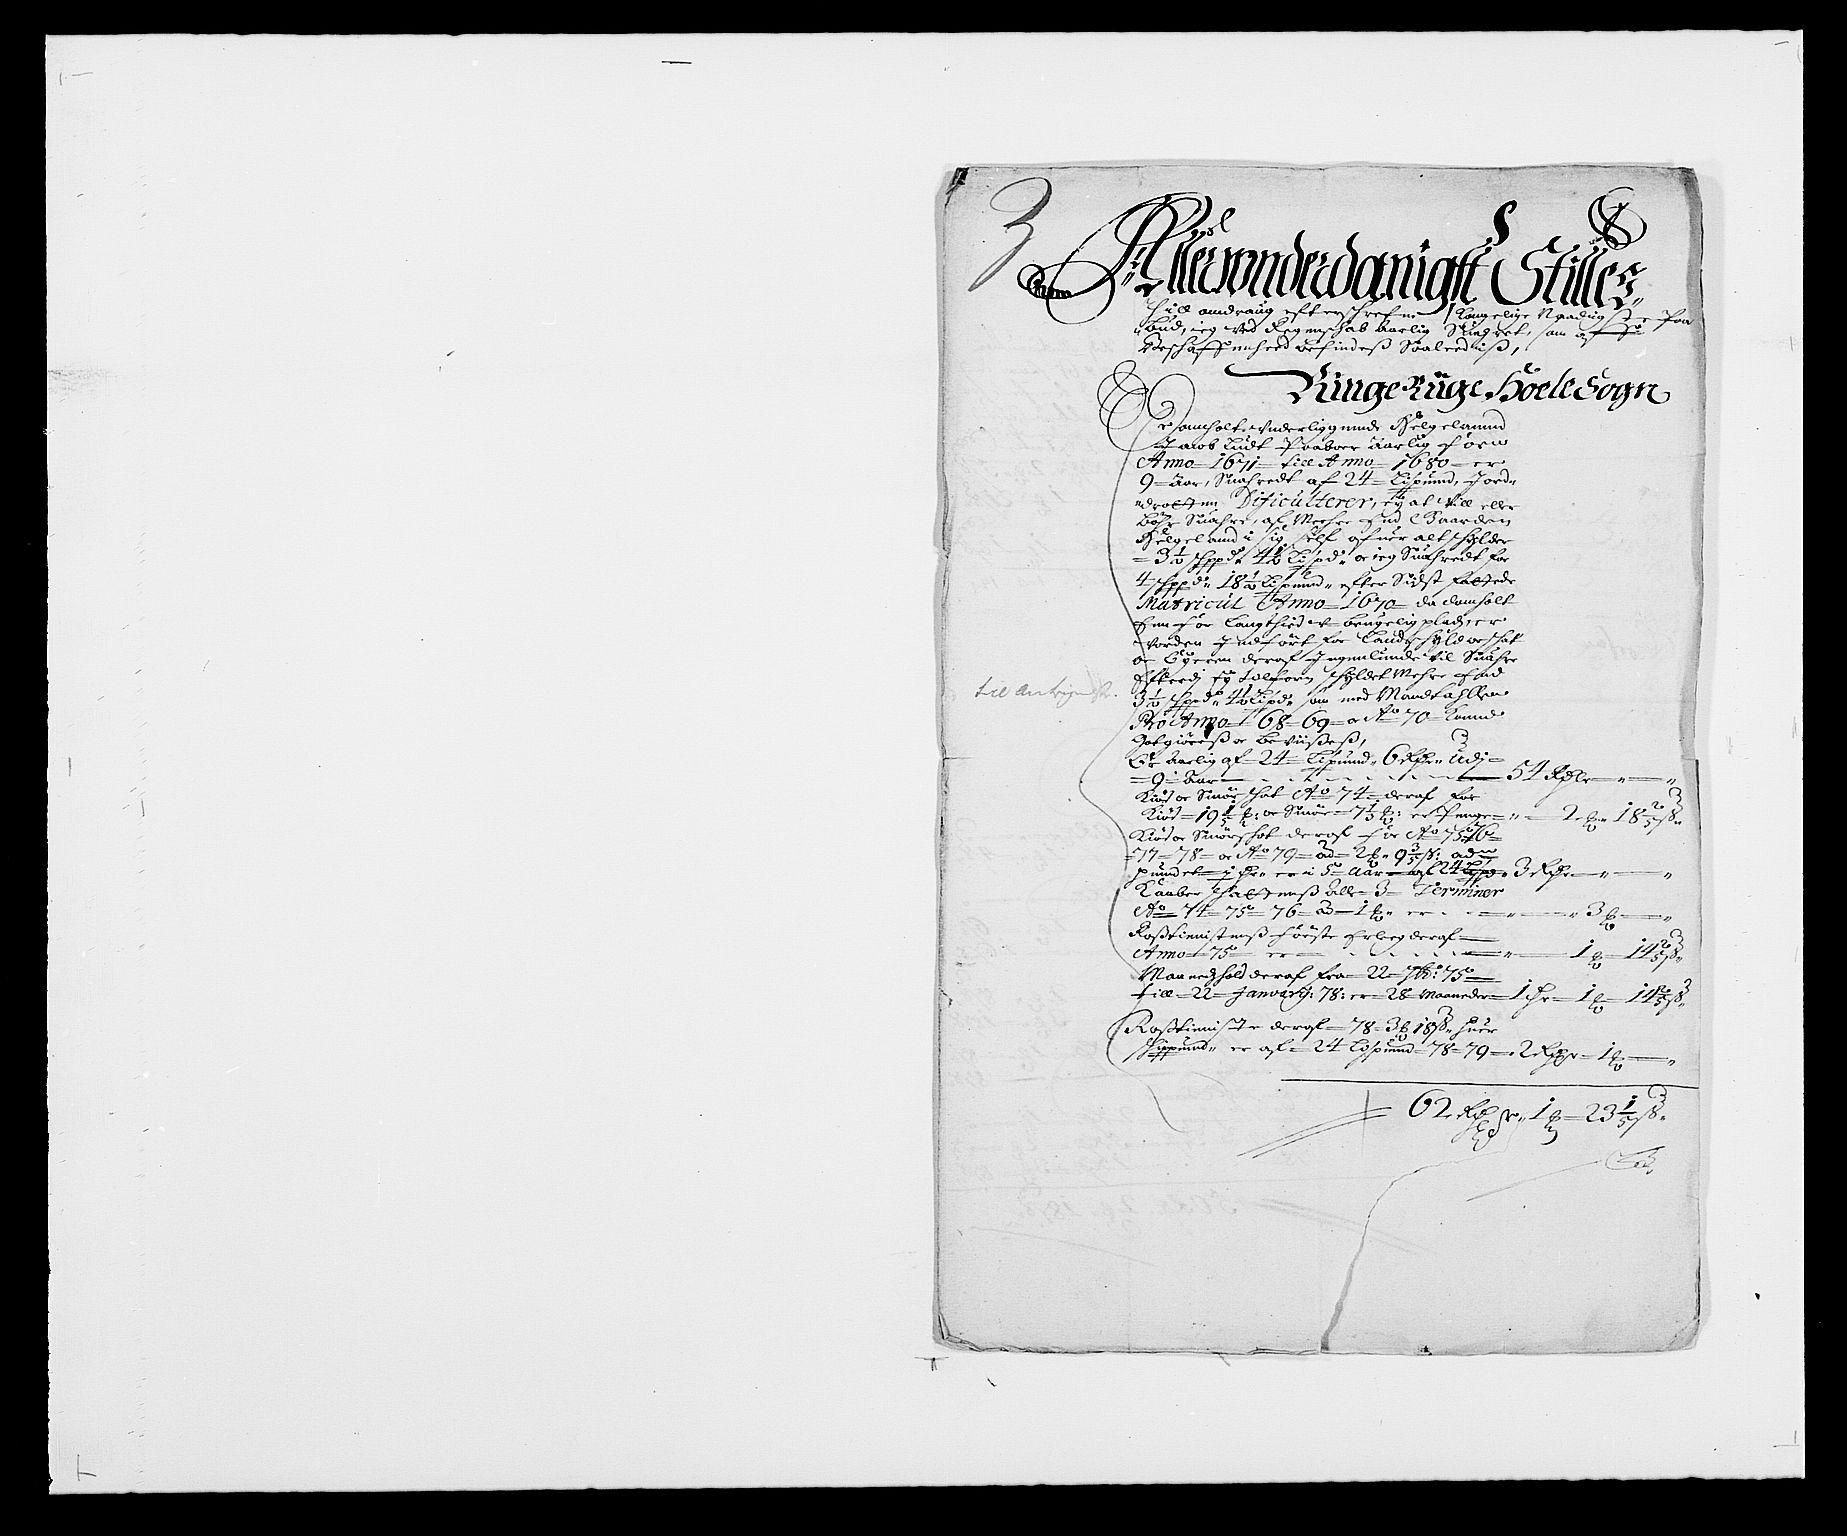 RA, Rentekammeret inntil 1814, Reviderte regnskaper, Fogderegnskap, R21/L1443: Fogderegnskap Ringerike og Hallingdal, 1678-1680, s. 375